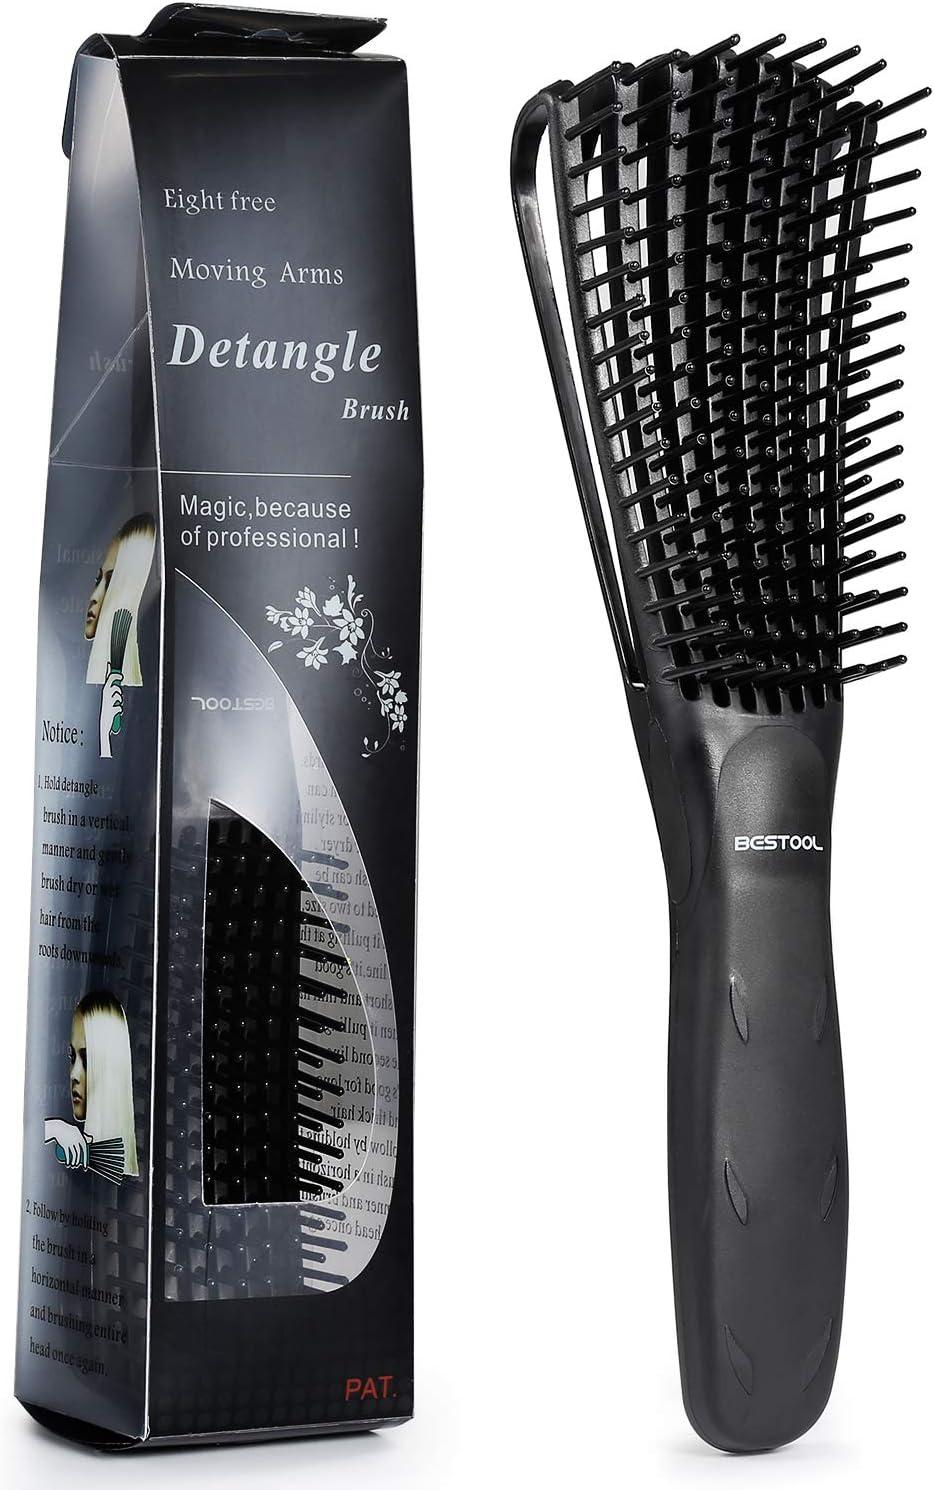 BESTOOL Cepillo para alisar el cabello Cepillos para desenredar el cabello suave y de gran tamaño, de nylon, antiestático, apta para el desenredador natural del cabello (negro)